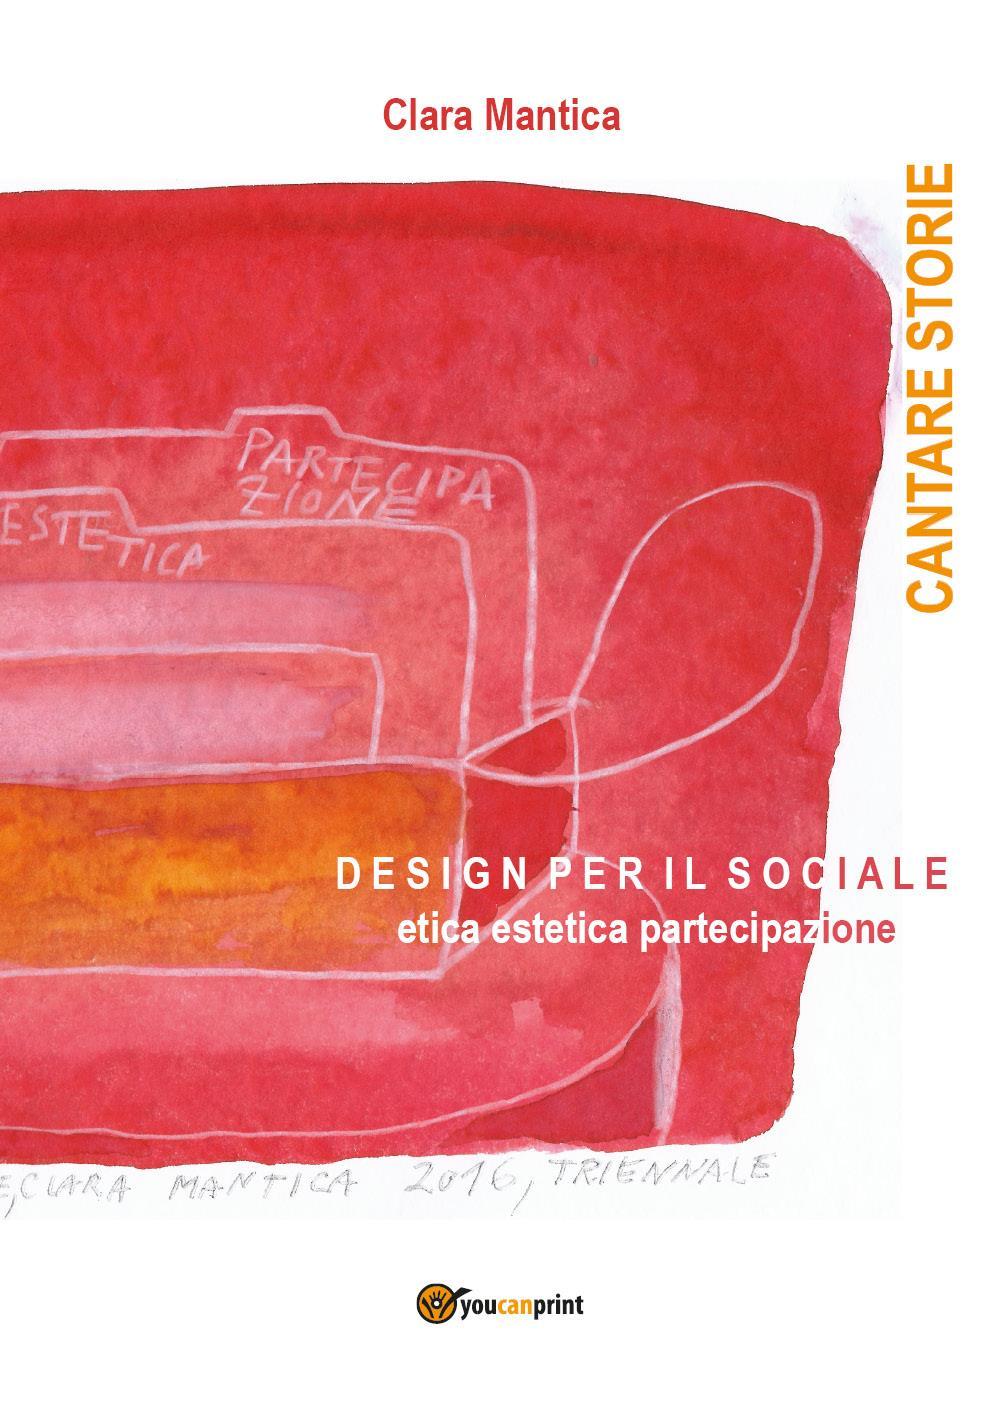 Cantare storie. Design per il sociale Etica estetica partecipazione